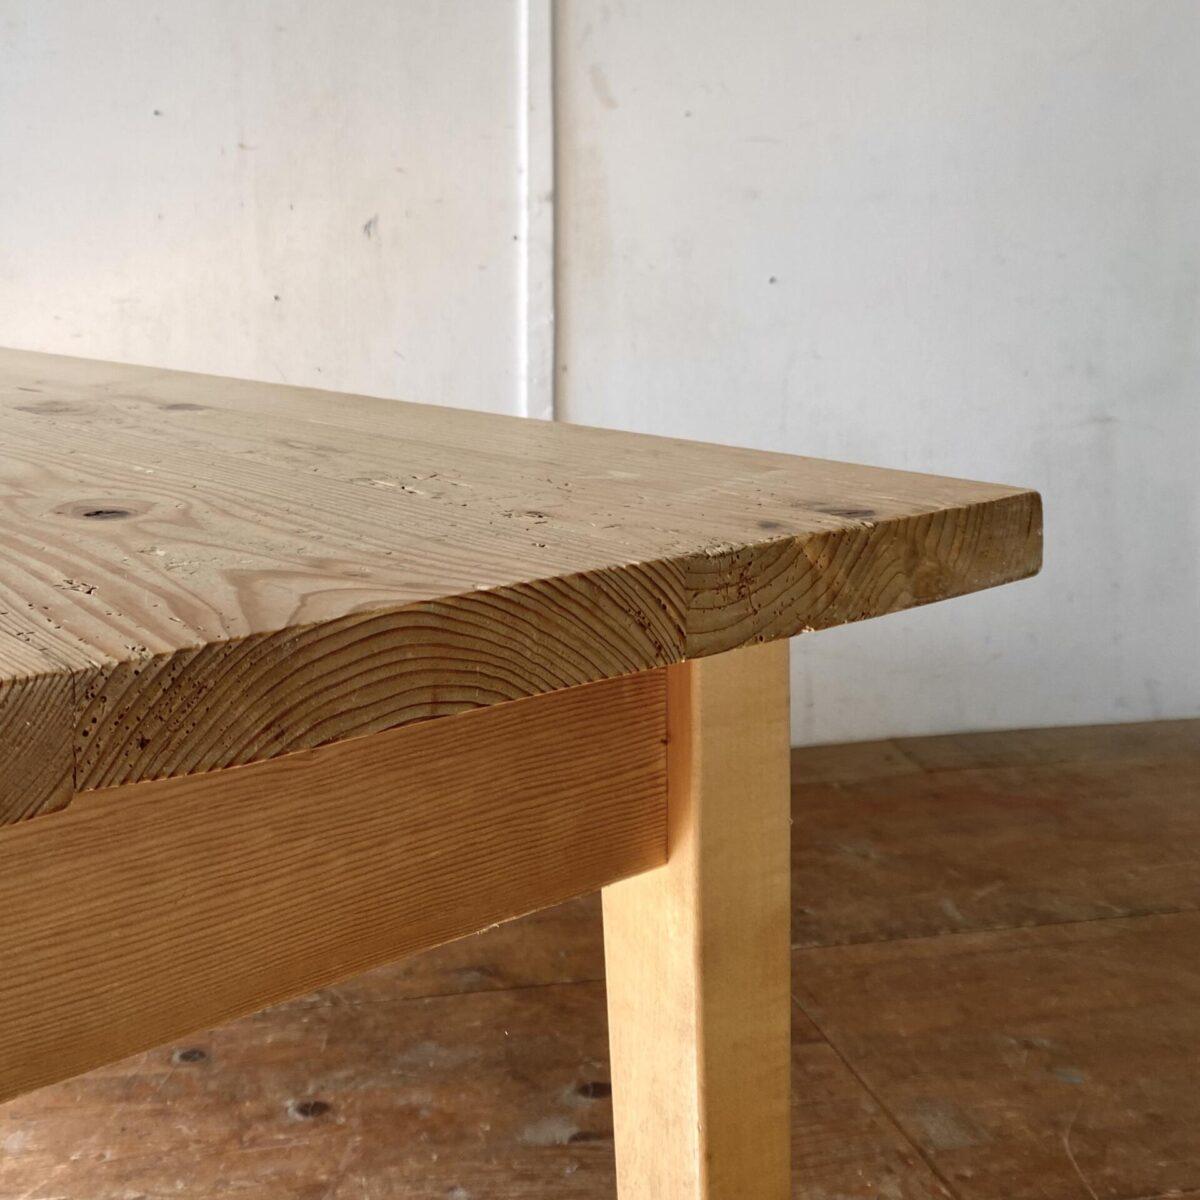 Deuxieme.shop Biedermeiertisch. Tannenholztisch mit Ahorn Tischbeine. 190x81cm Höhe 77cm. Der Tisch hat mehrere Wurmlöcher und Alterspatina. Technisch in stabilem guten Zustand. Es finden bis zu 8 Personen daran Platz.